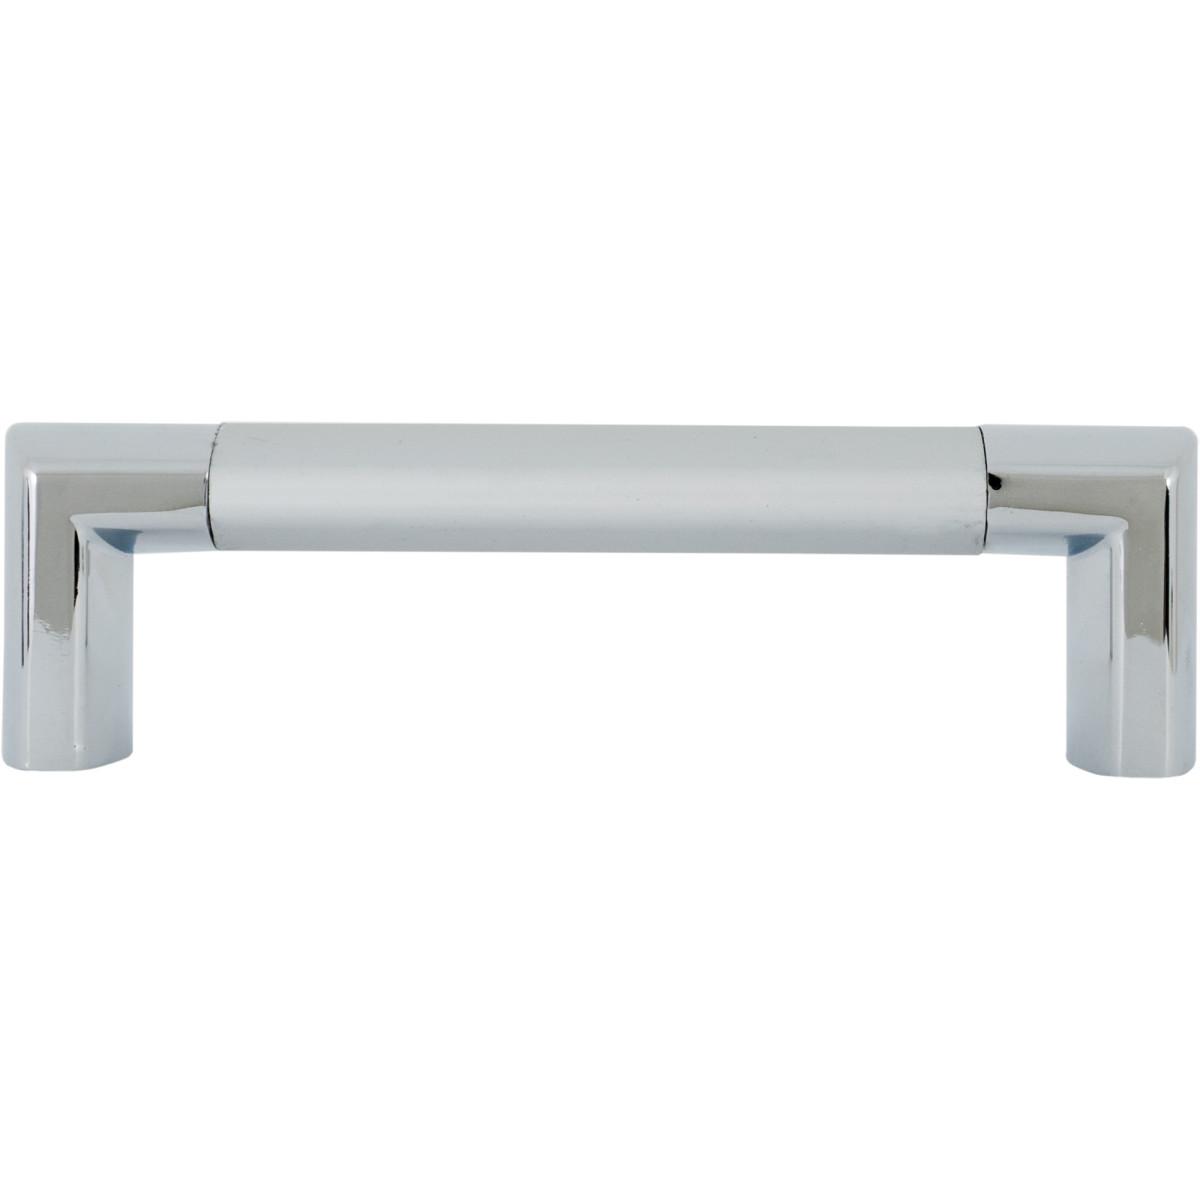 Ручка-Скоба Мебельная Aluminium 2025 96 Цвет Серебристый